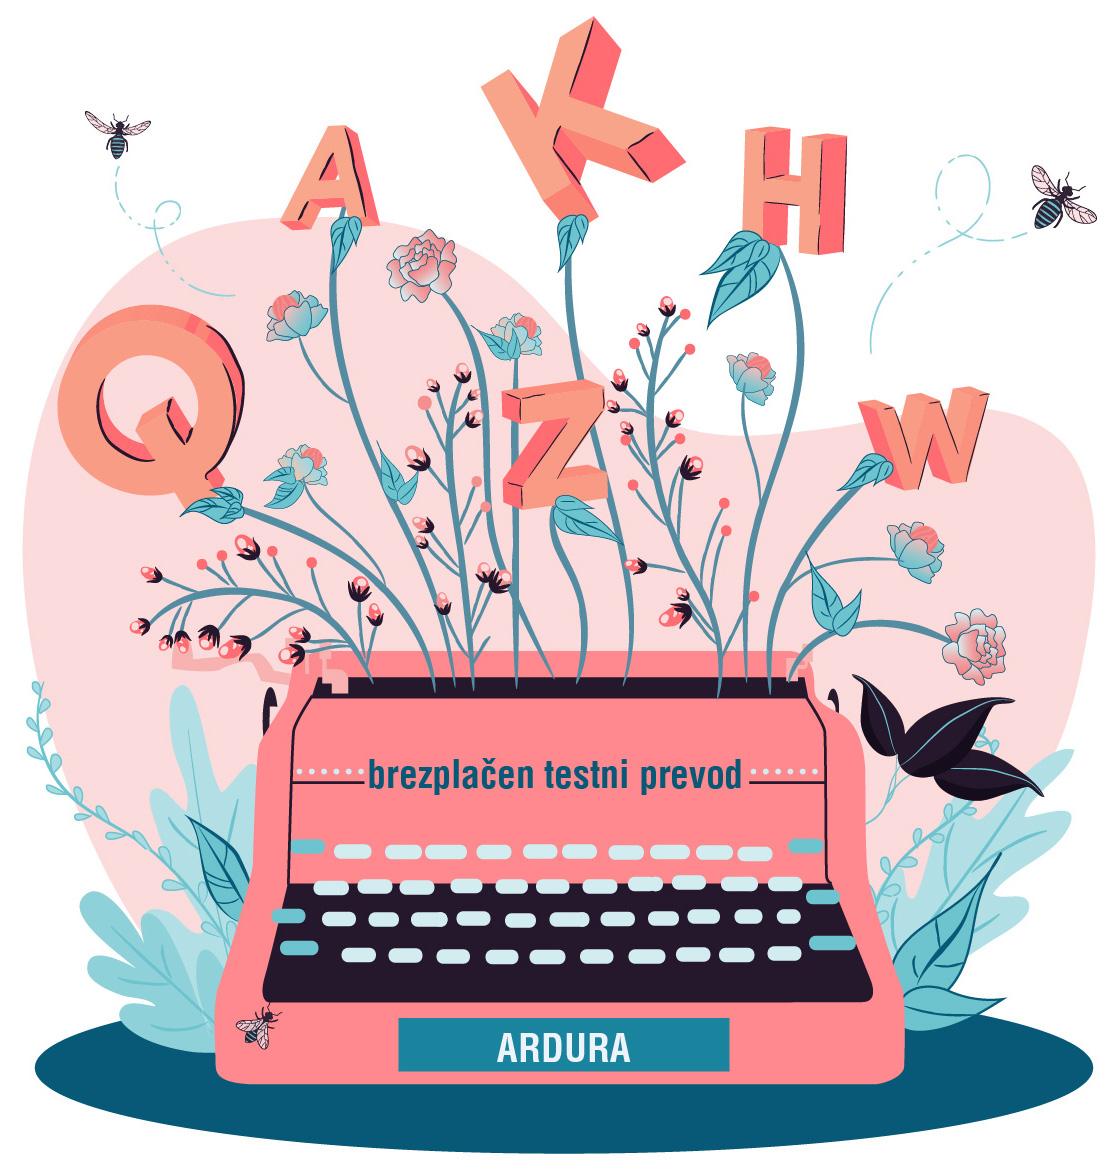 Ardura - brezplačen testni prevod